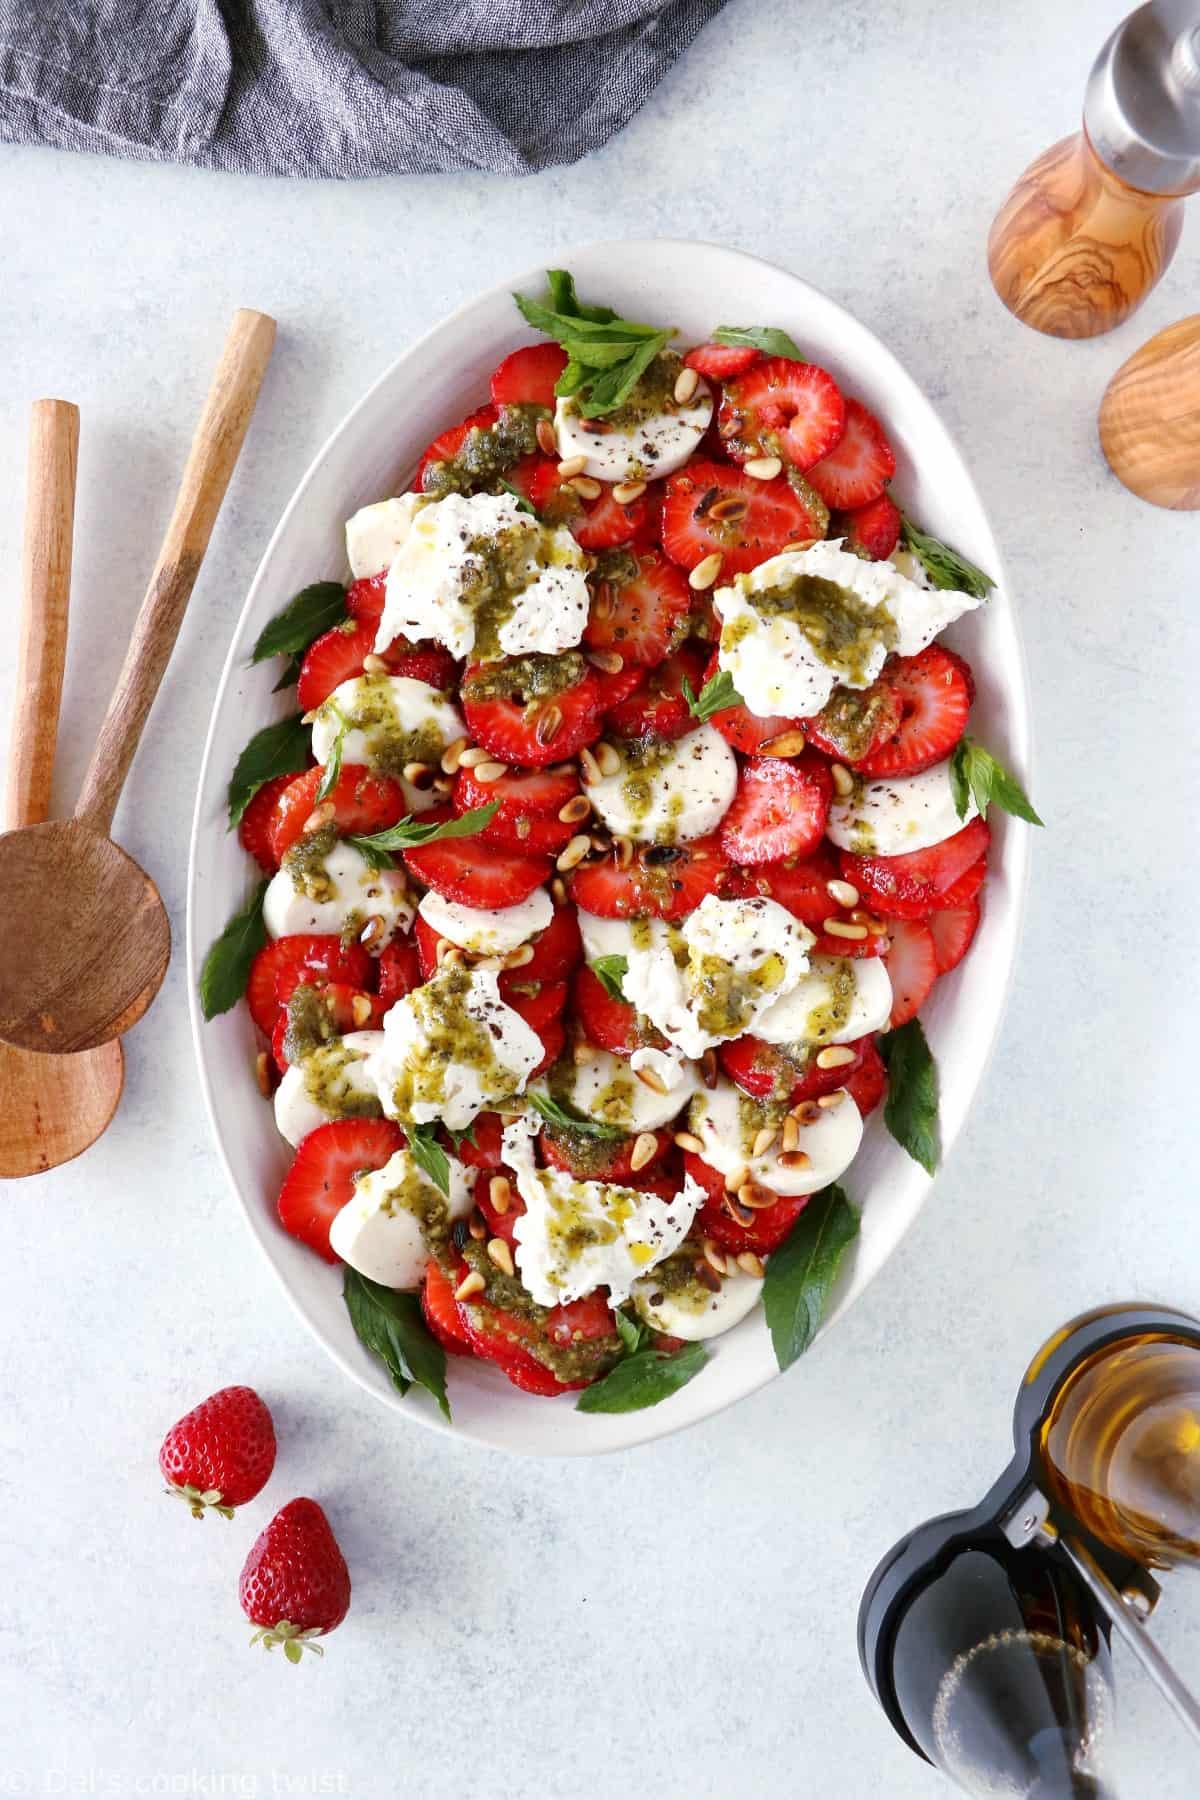 Salade de fraises, burrata et pesto de menthe. Une salade de fraises toute simple aux saveurs fraîches et estivales. Vous y retrouverez des fraises juteuses, de la burrata bien crémeuse, et un pesto de menthe maison délicieusement parfumé. Une idée rapide et sans gluten !